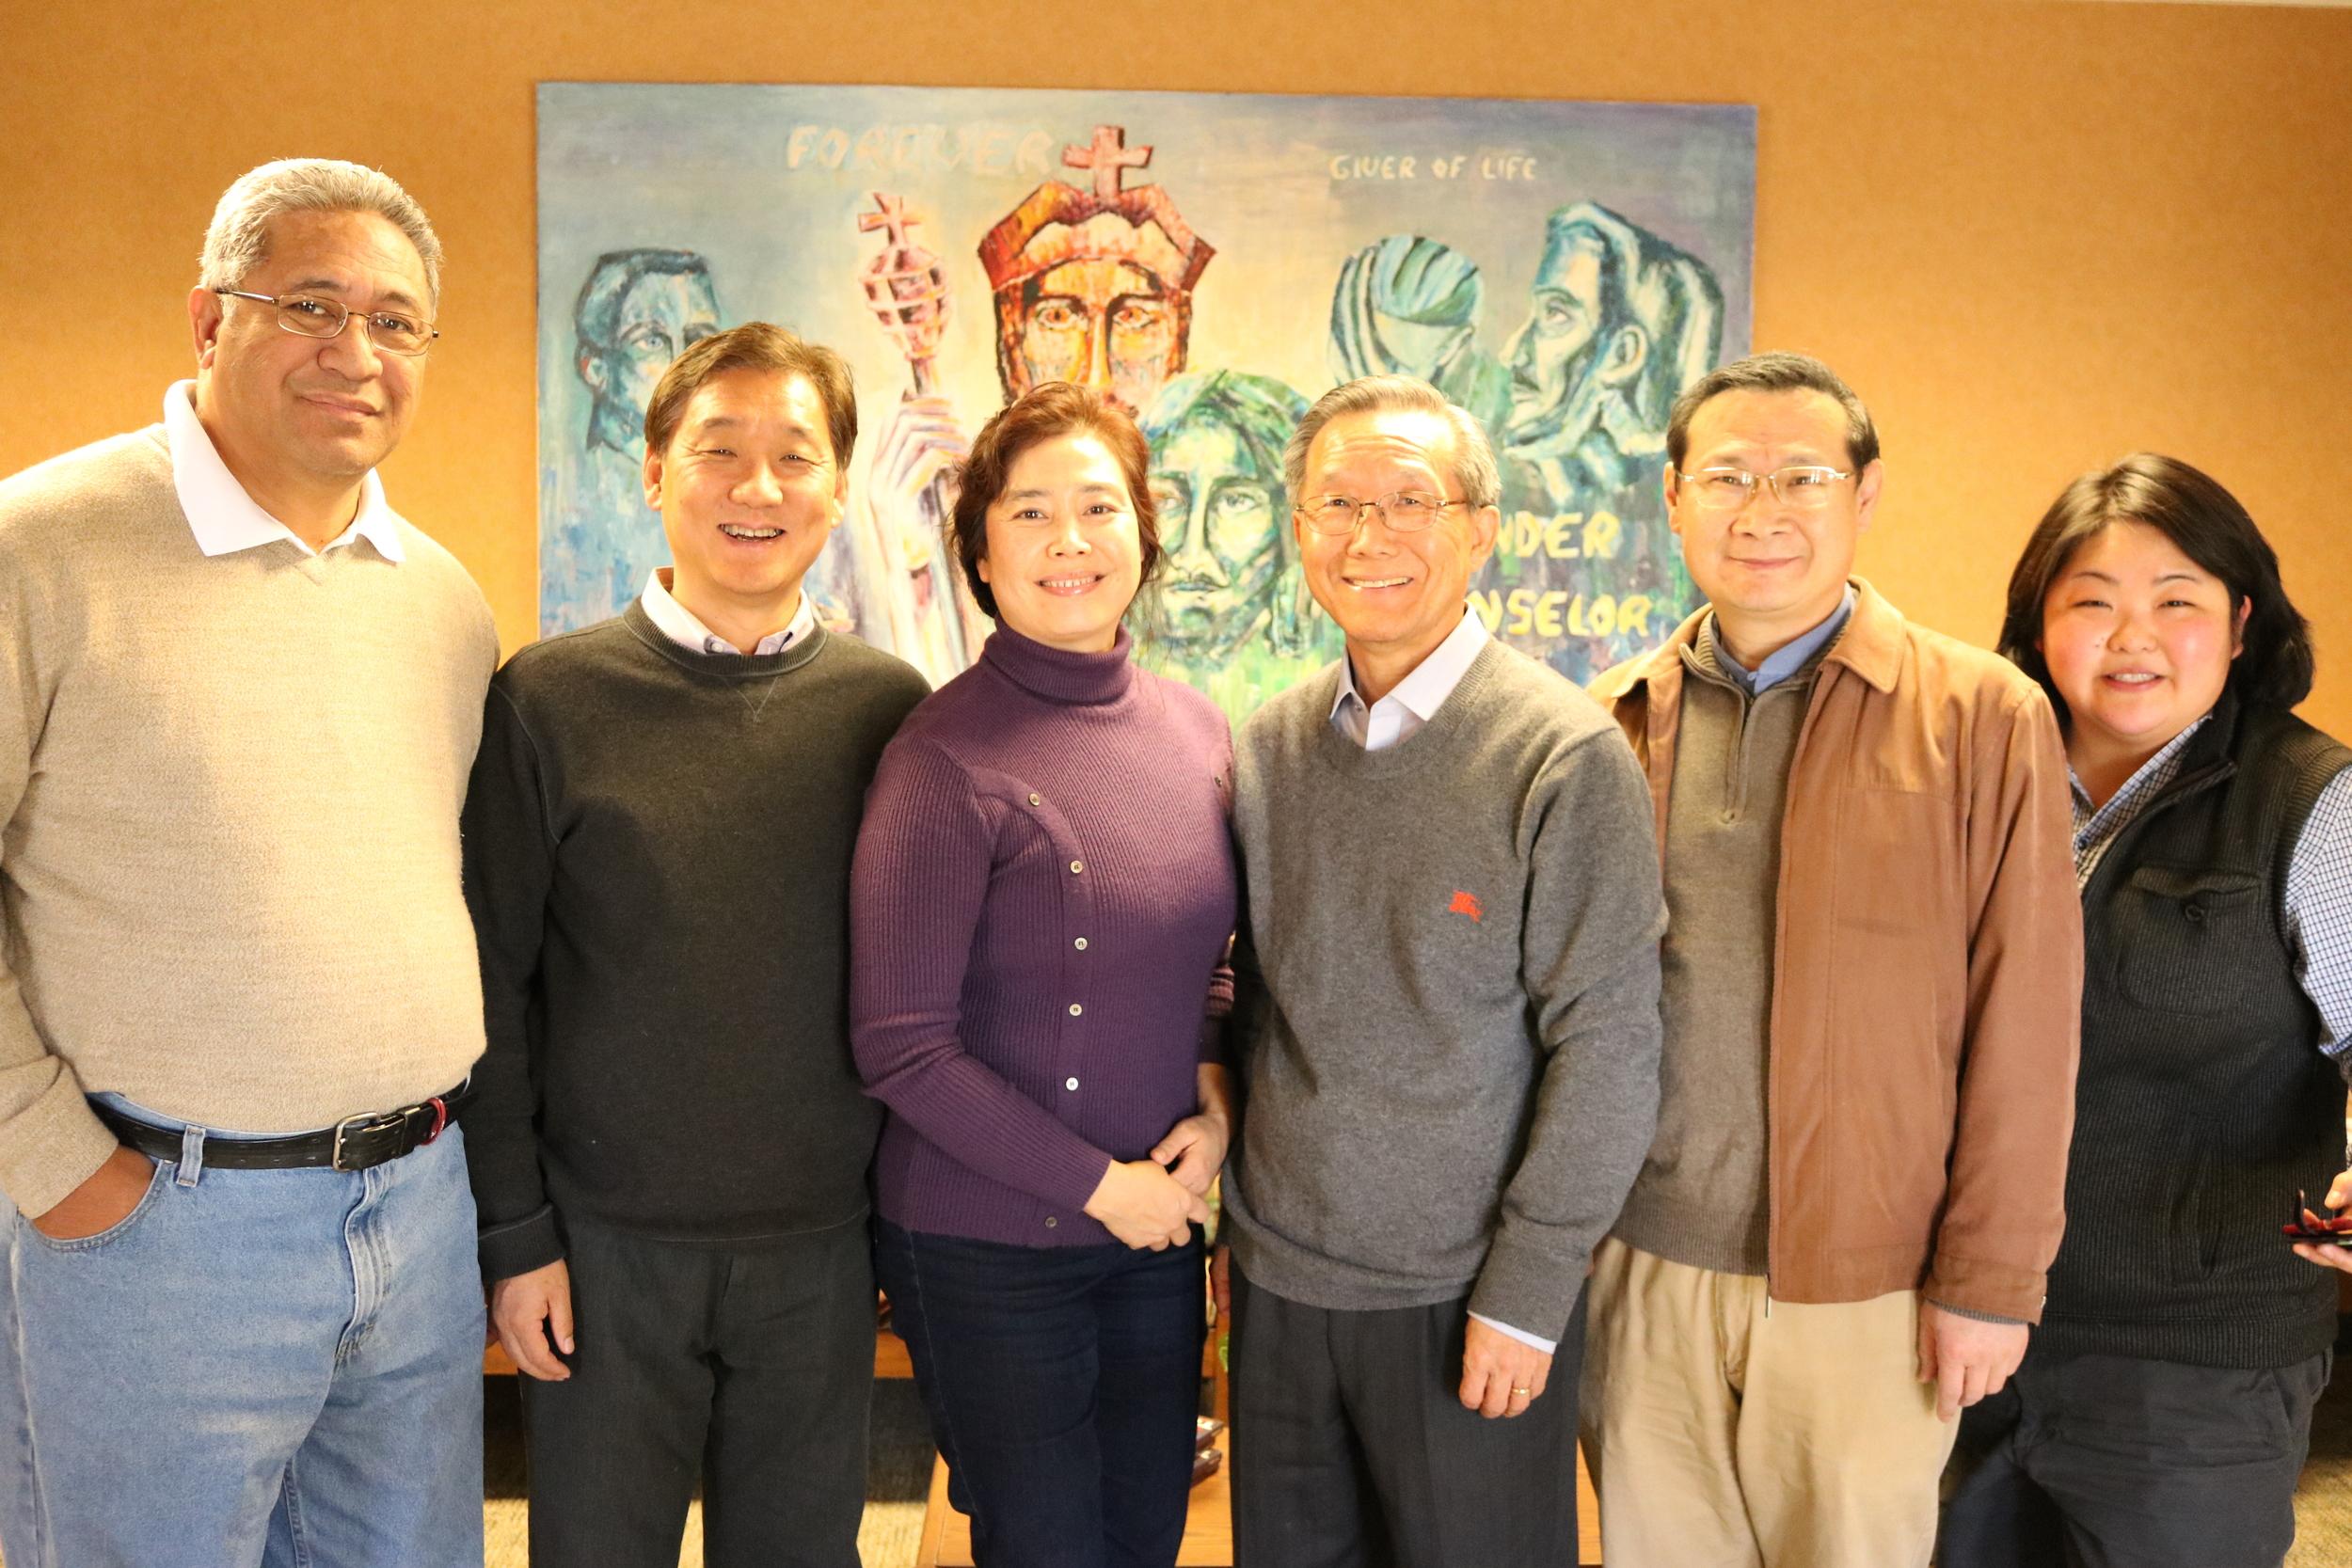 (Beech Grove, IN) 2016 NAPAD ministry team retreat. Picture: Sai Tafaoilii, Youngjun Yang, Younglan Kim, Geunhee Yu, Lian Jiang and Lynnette Li.